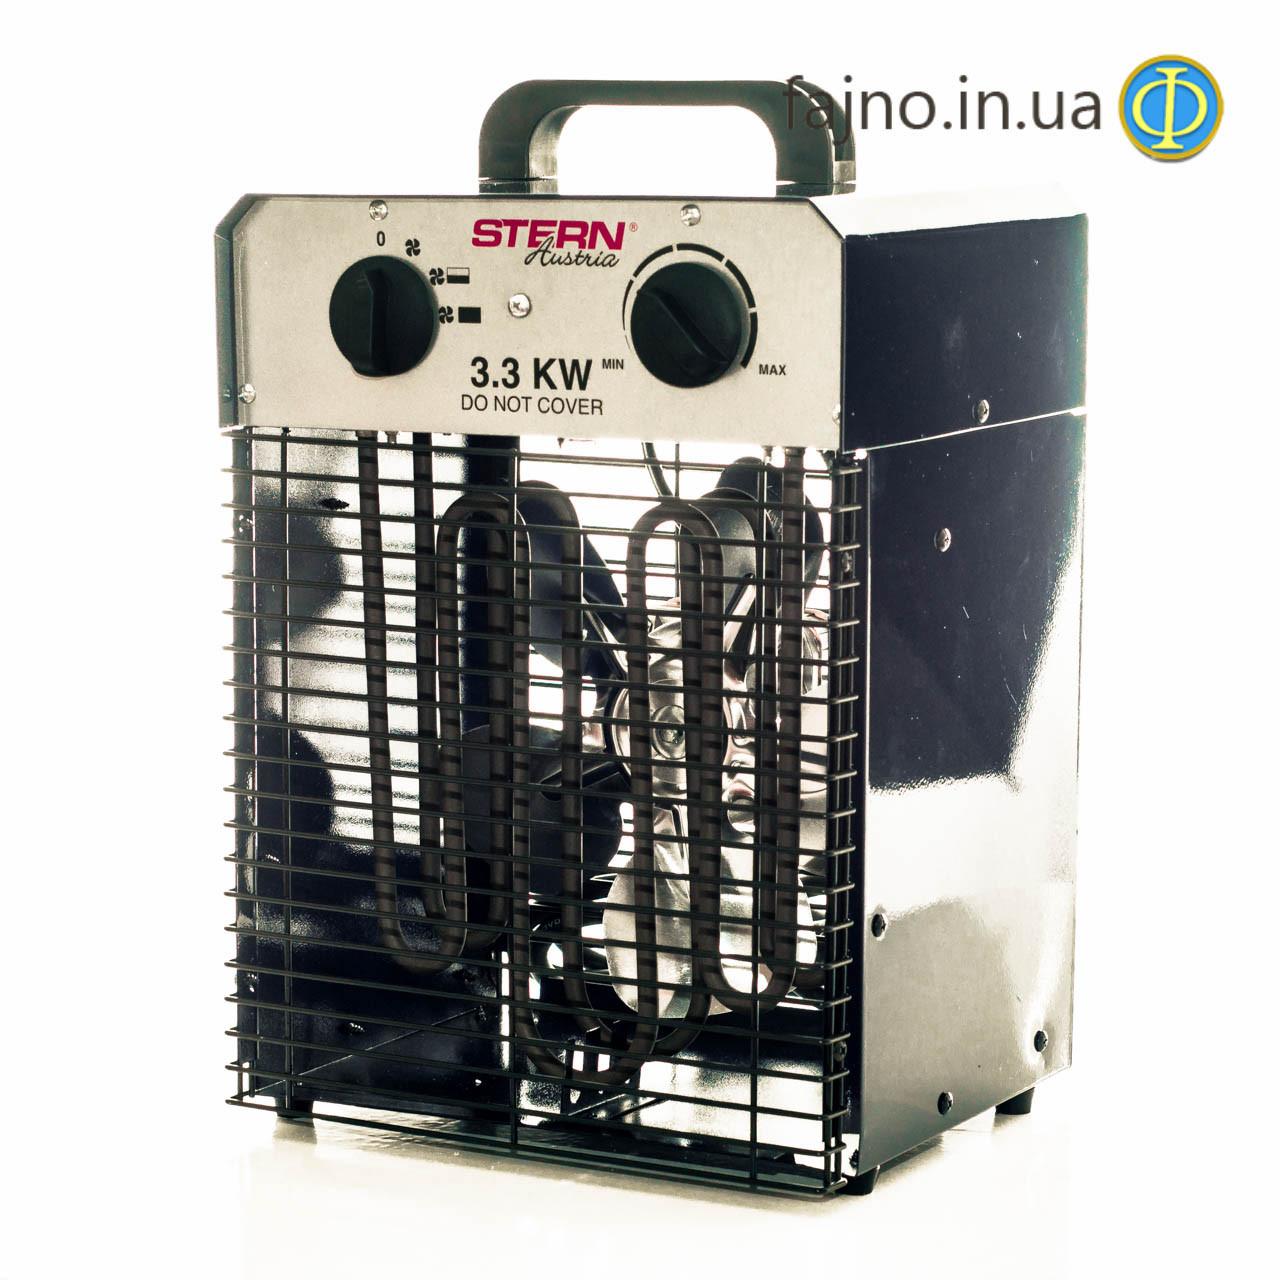 Тепловентилятор промышленный Stern ELH-33 (3,3 кВт)